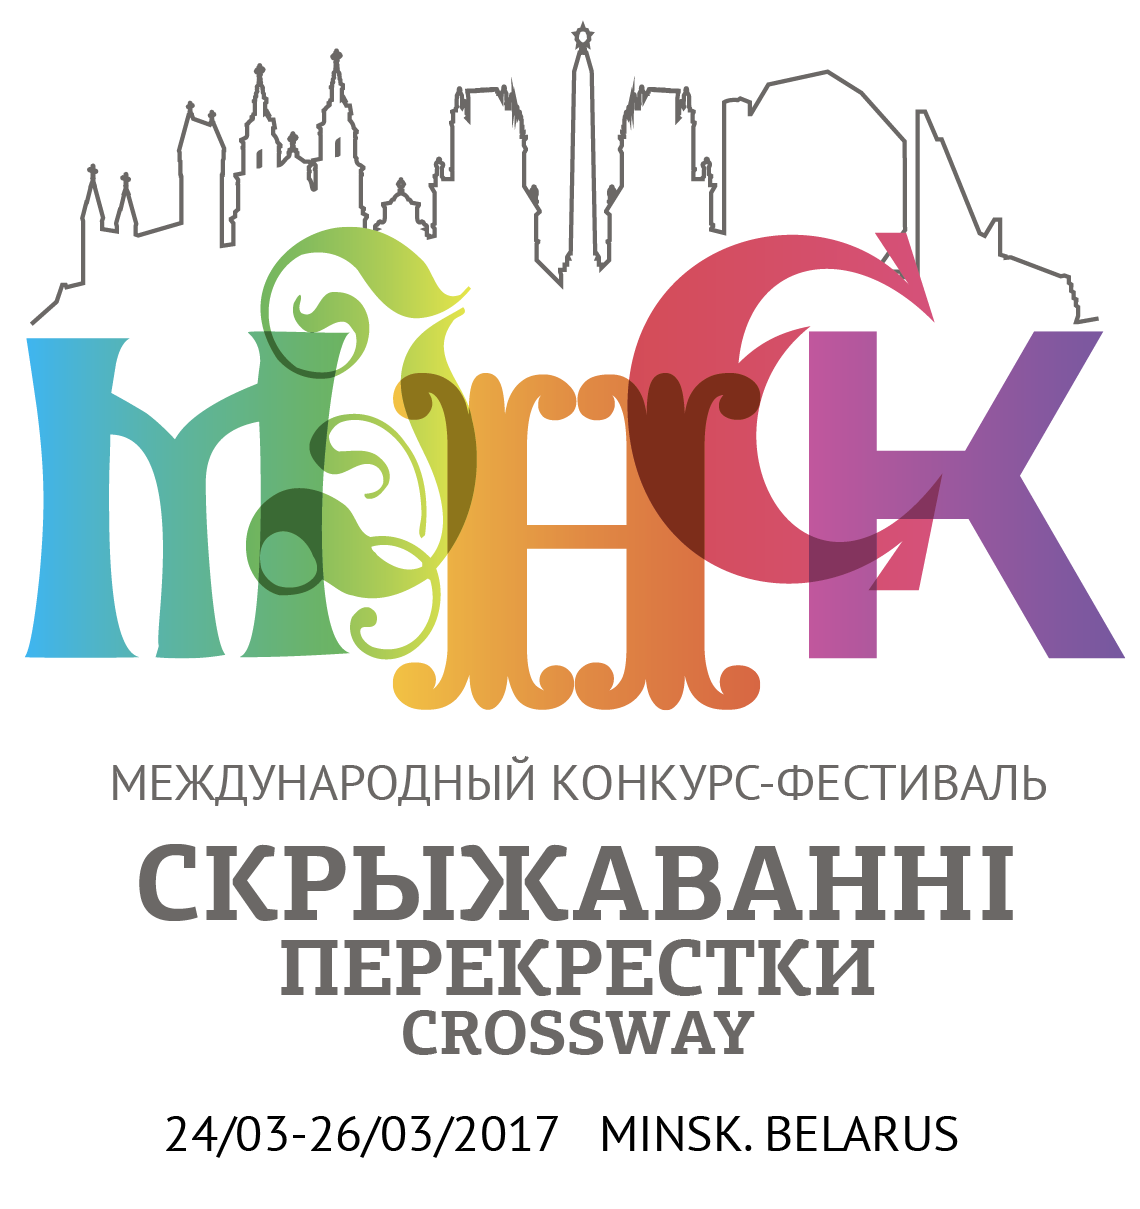 Международный конкурс-фестиваль «Скрыжаванні. Mінск» (Minsk, Belarus, 2017-03) (сайт Минской школы киноискусства)